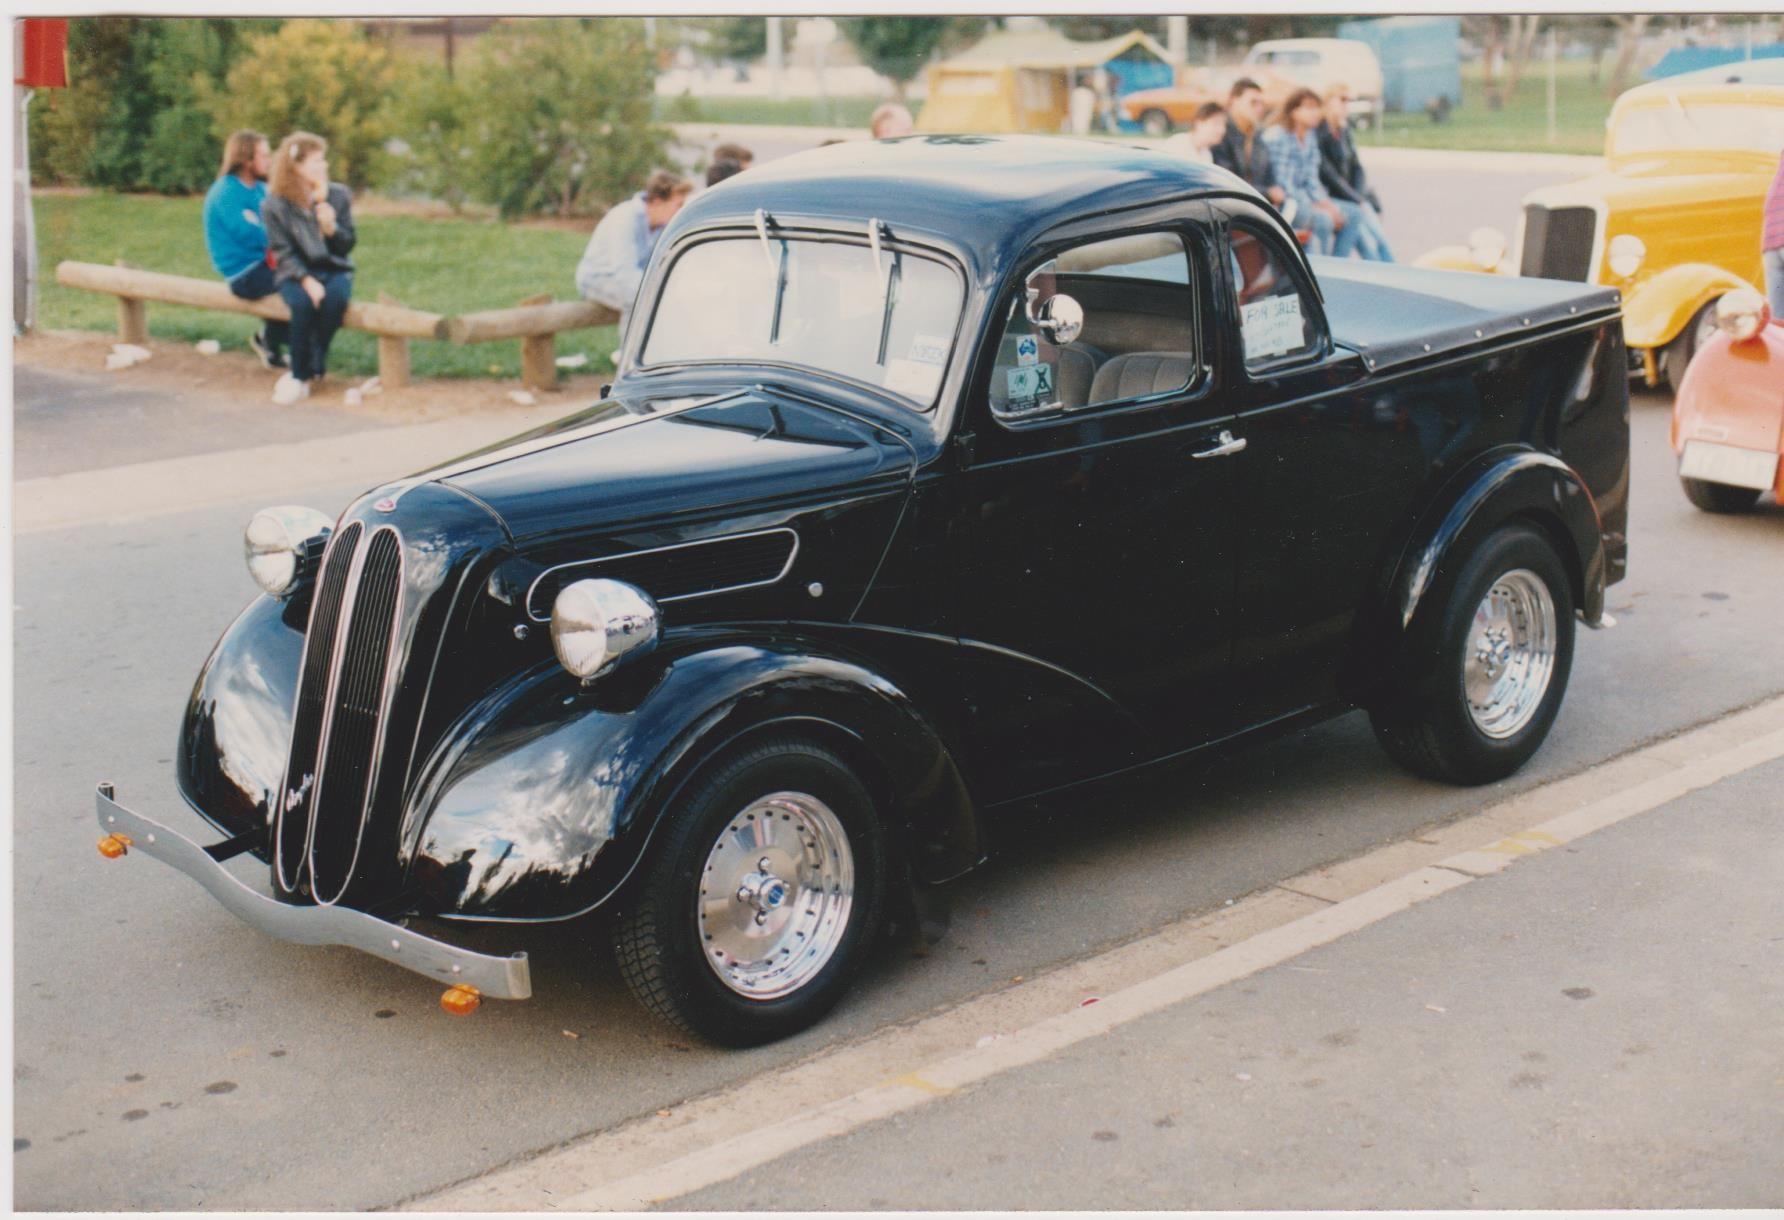 Ford Anglia Coupe Ute, Australian body. Ford anglia, Hot